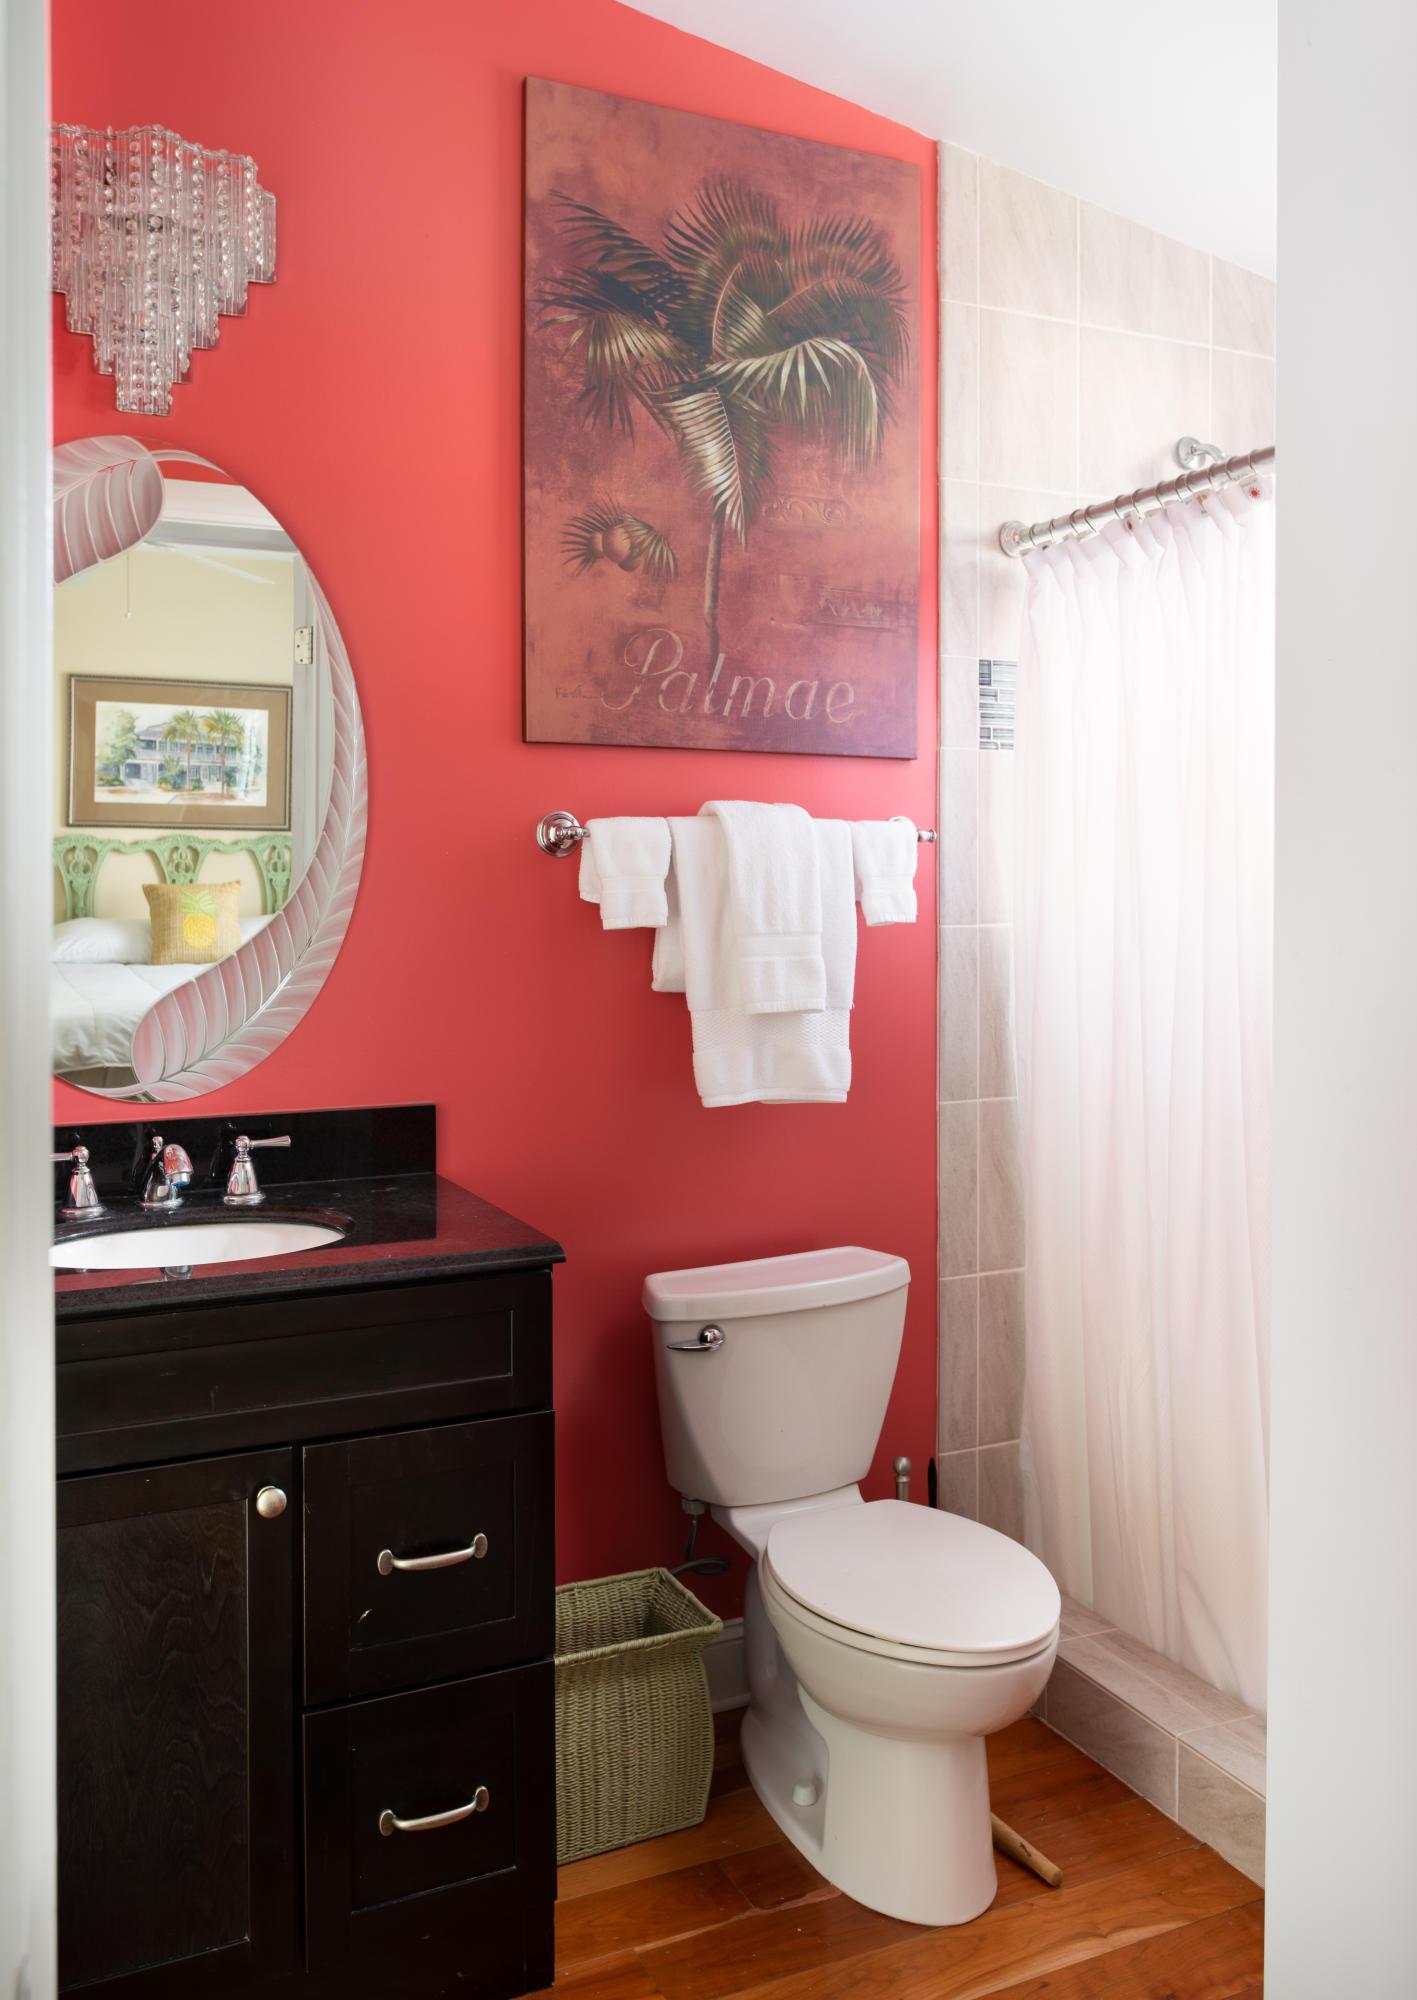 Mt Pleasant Hgts Homes For Sale - 712 Atlantic, Mount Pleasant, SC - 11